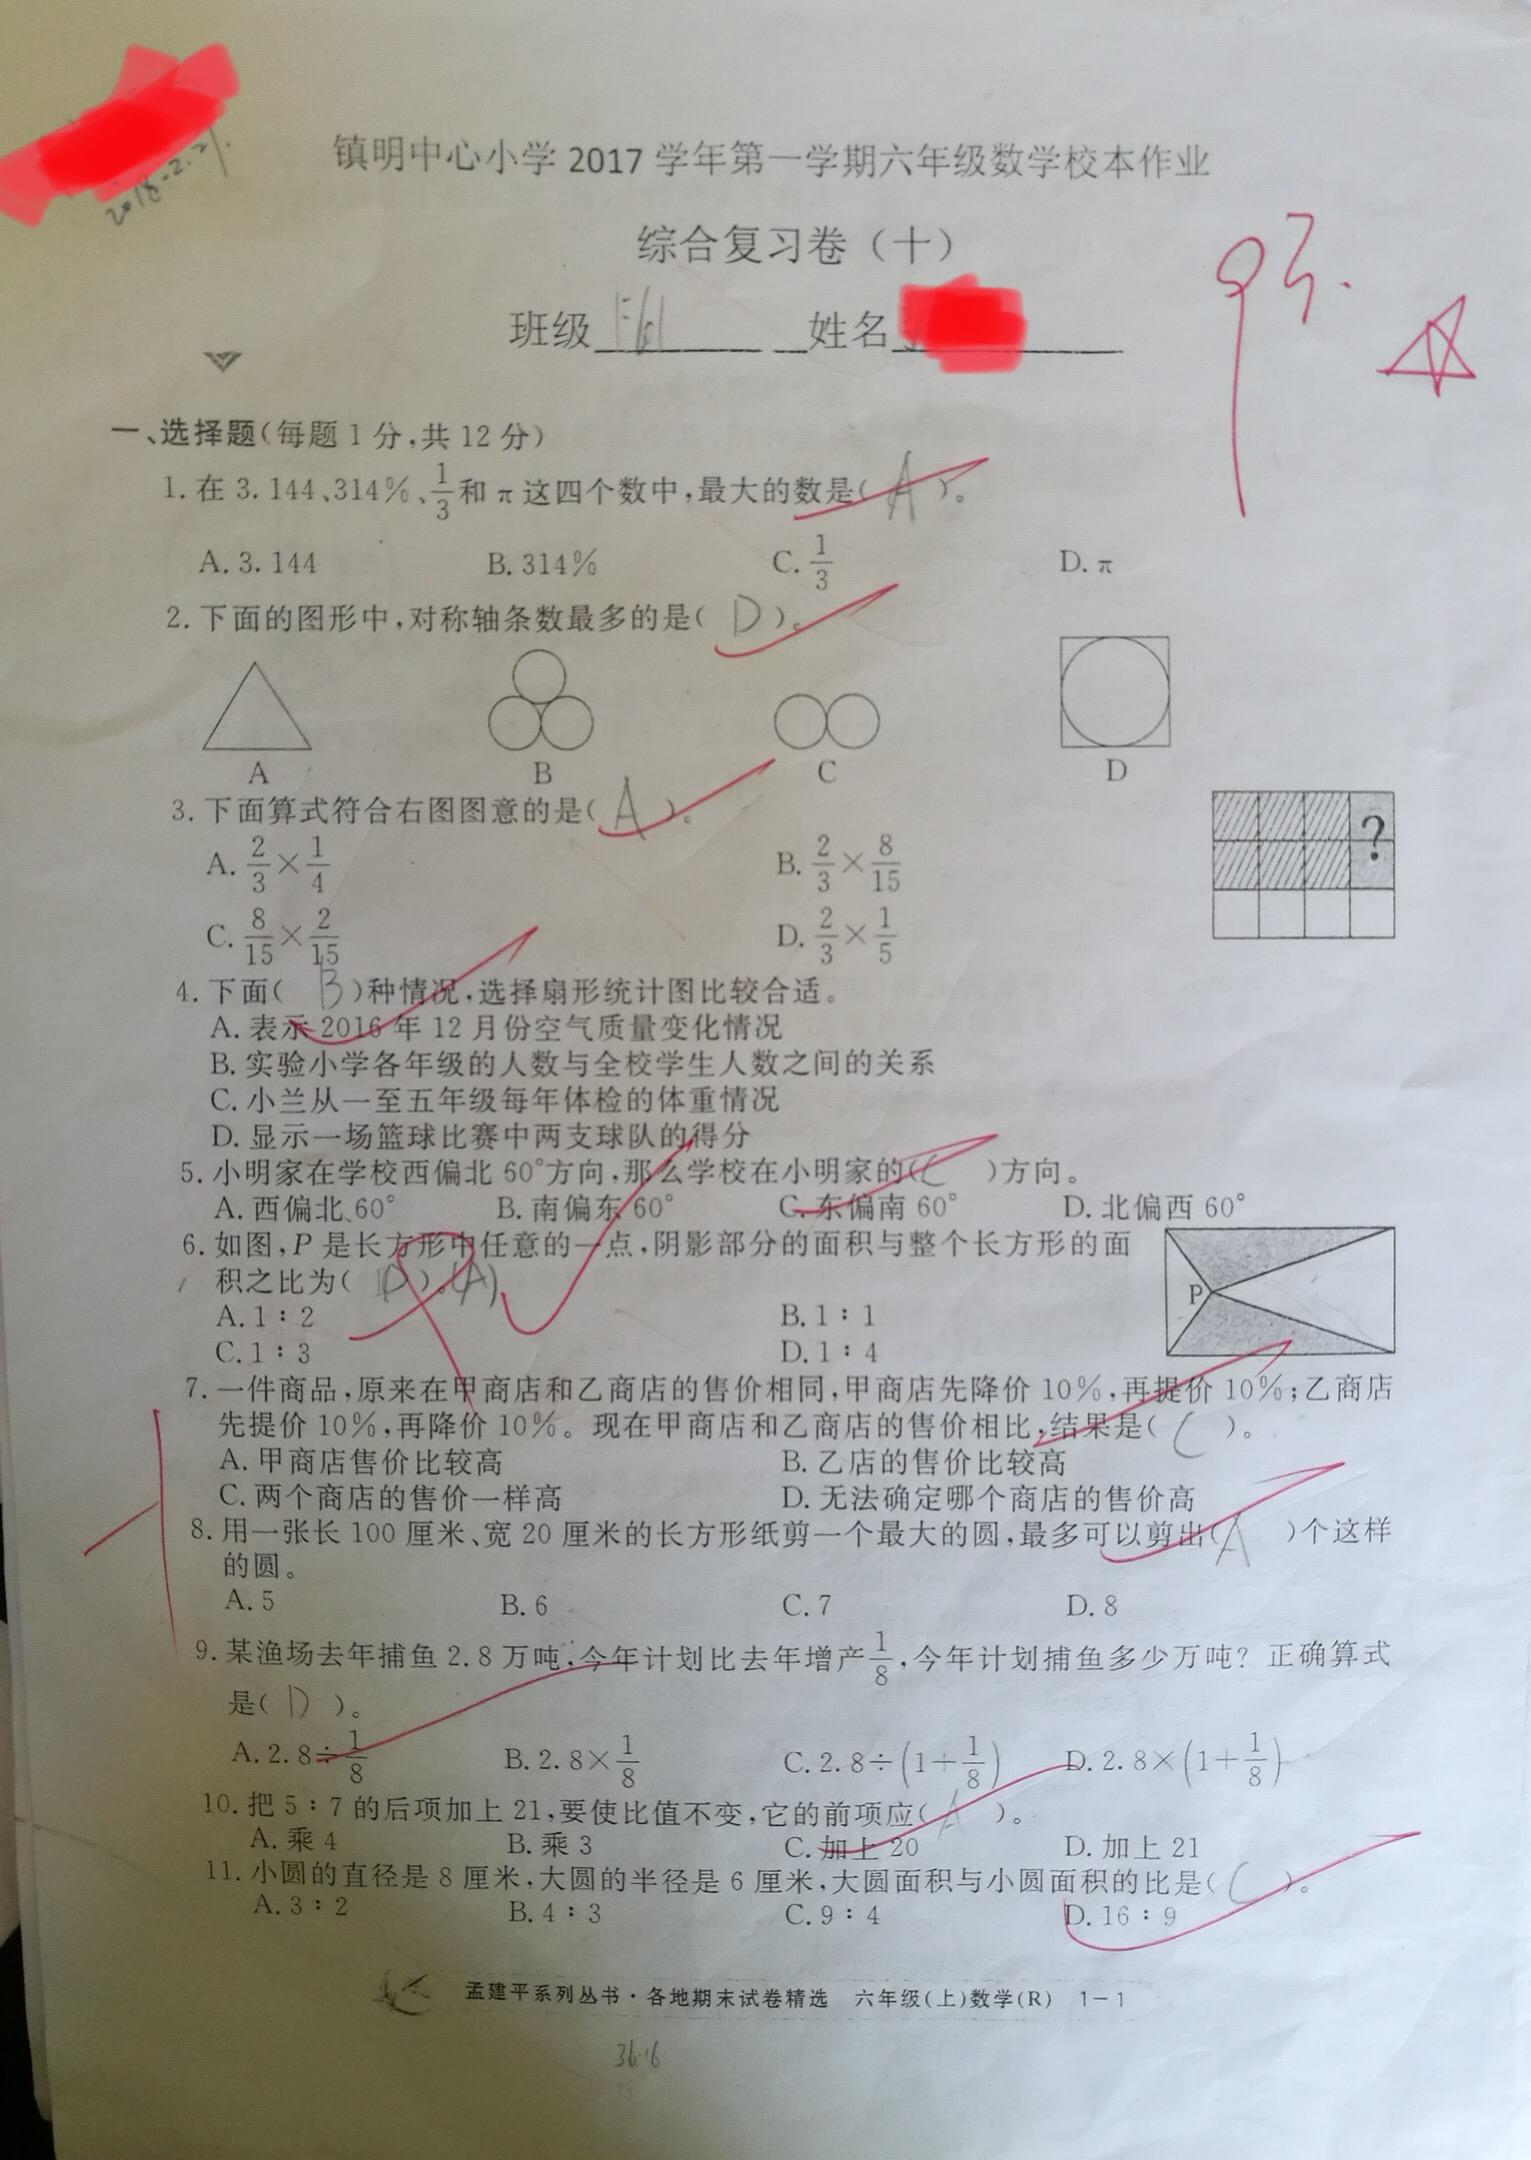 梁老师相册12